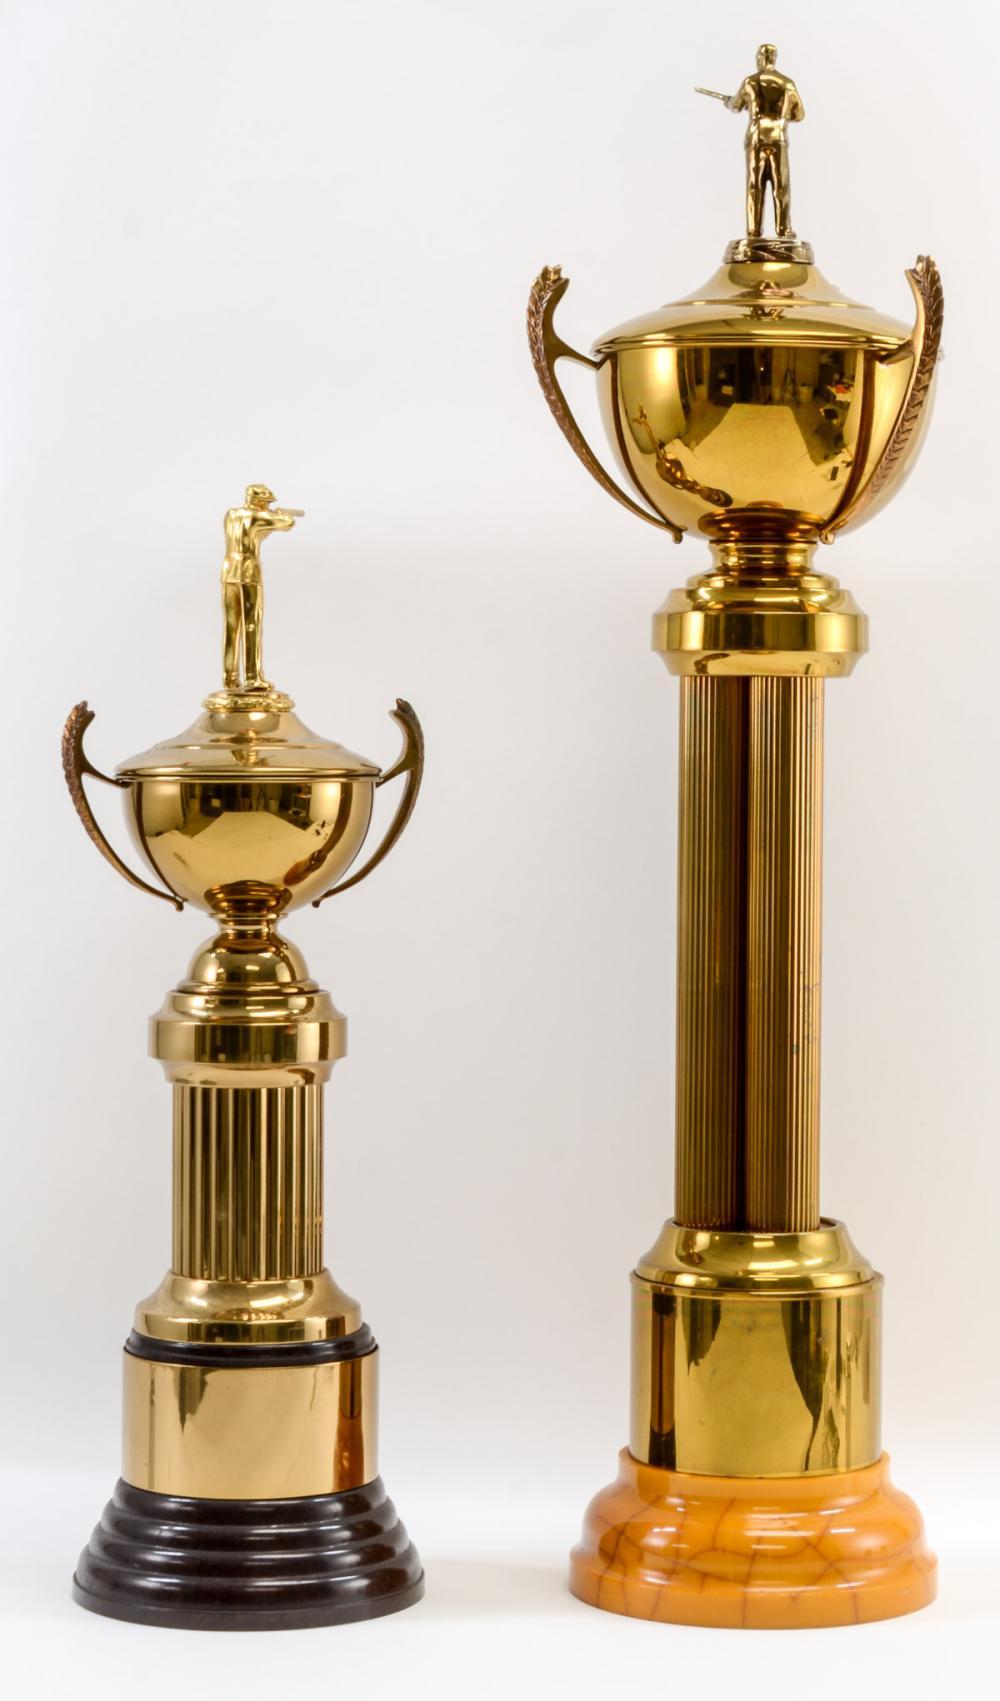 Two Vintage Bakelite Shooting Trophies